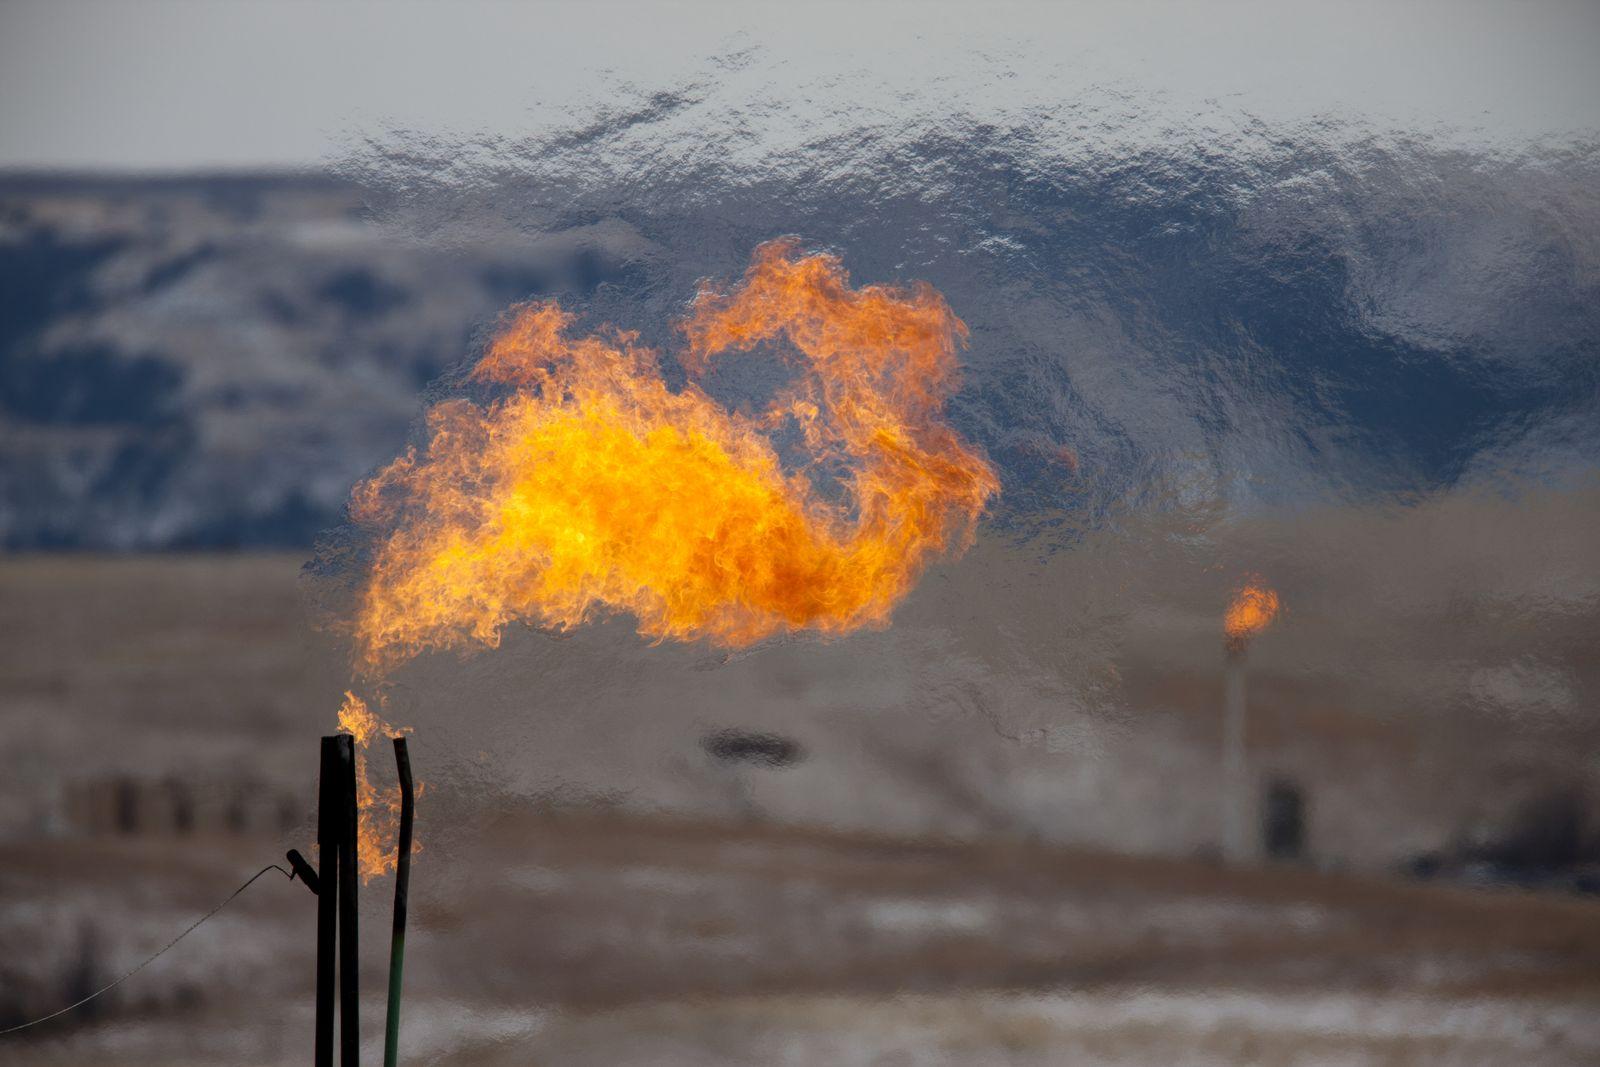 NICHT MEHR VERWENDEN! - Fracking / Gasbohrung